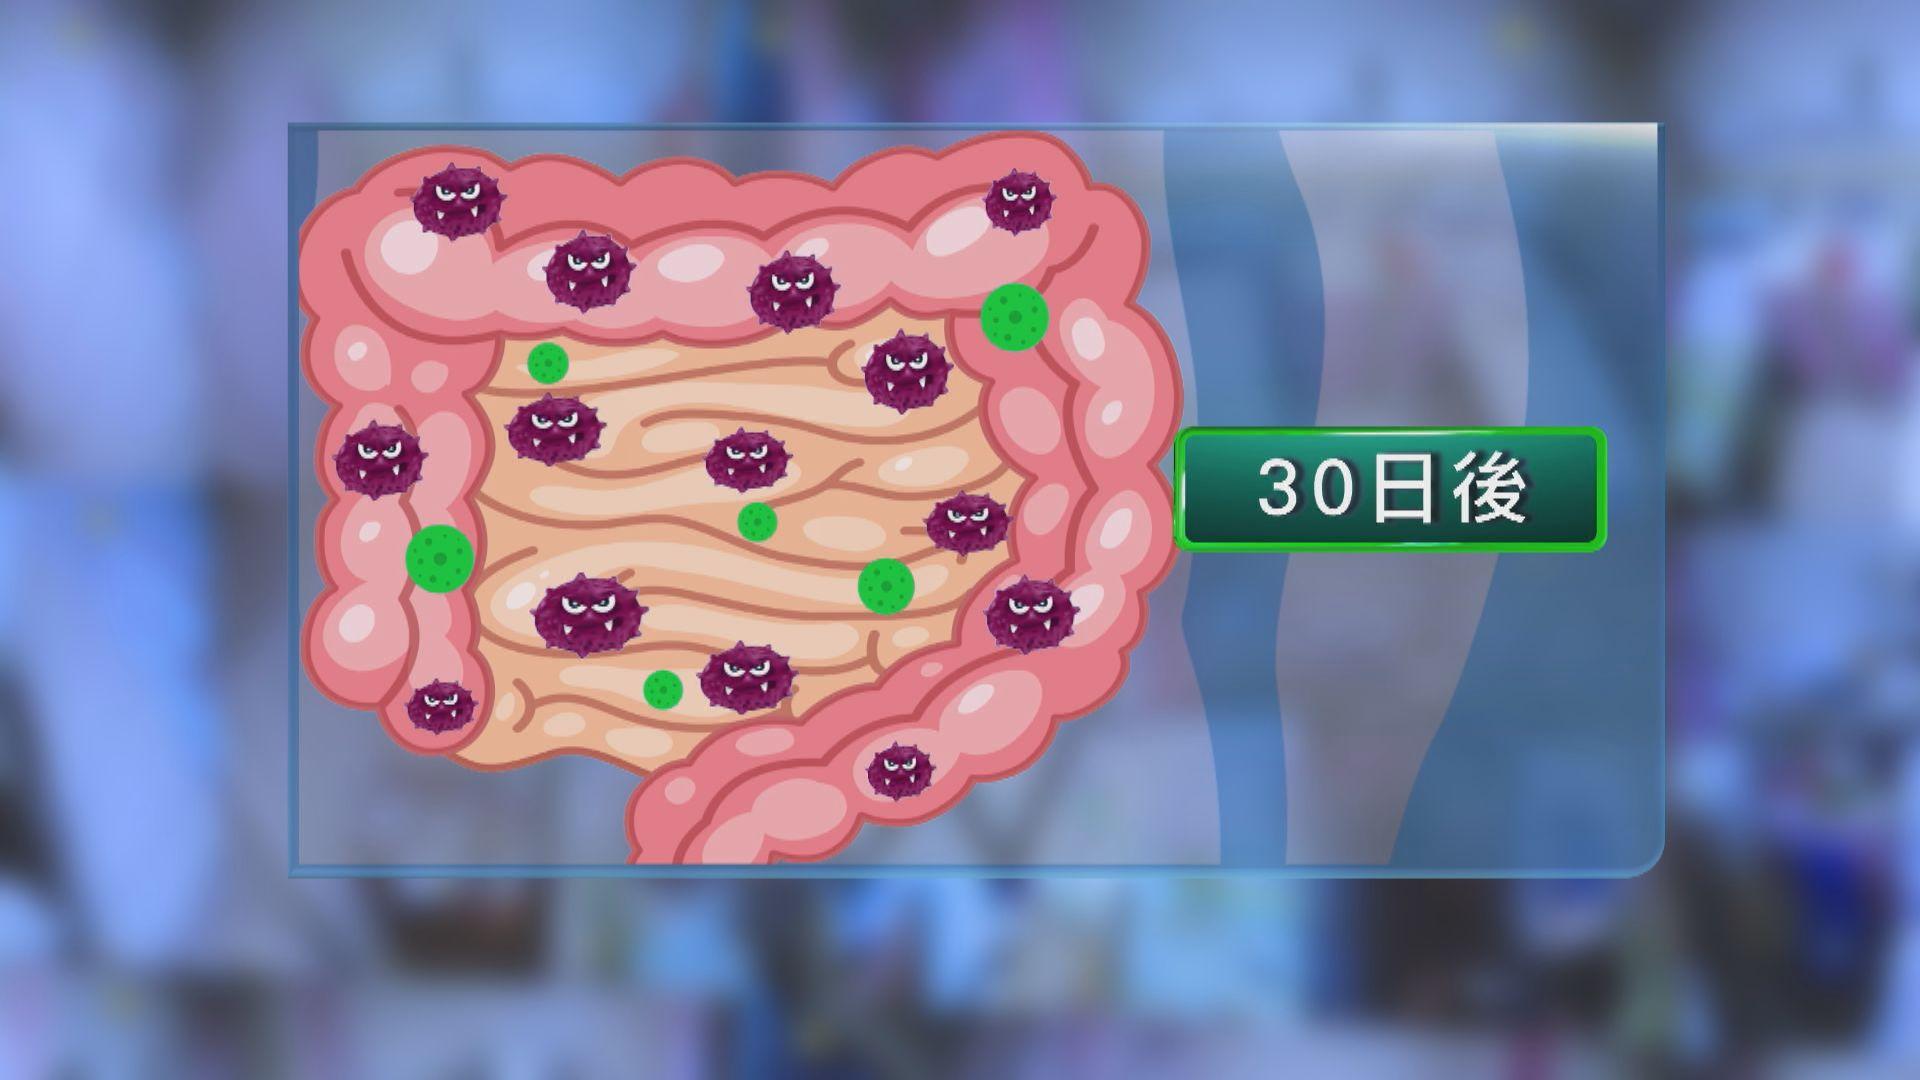 中大:新冠患者體內病毒清除後腸道益菌仍偏低